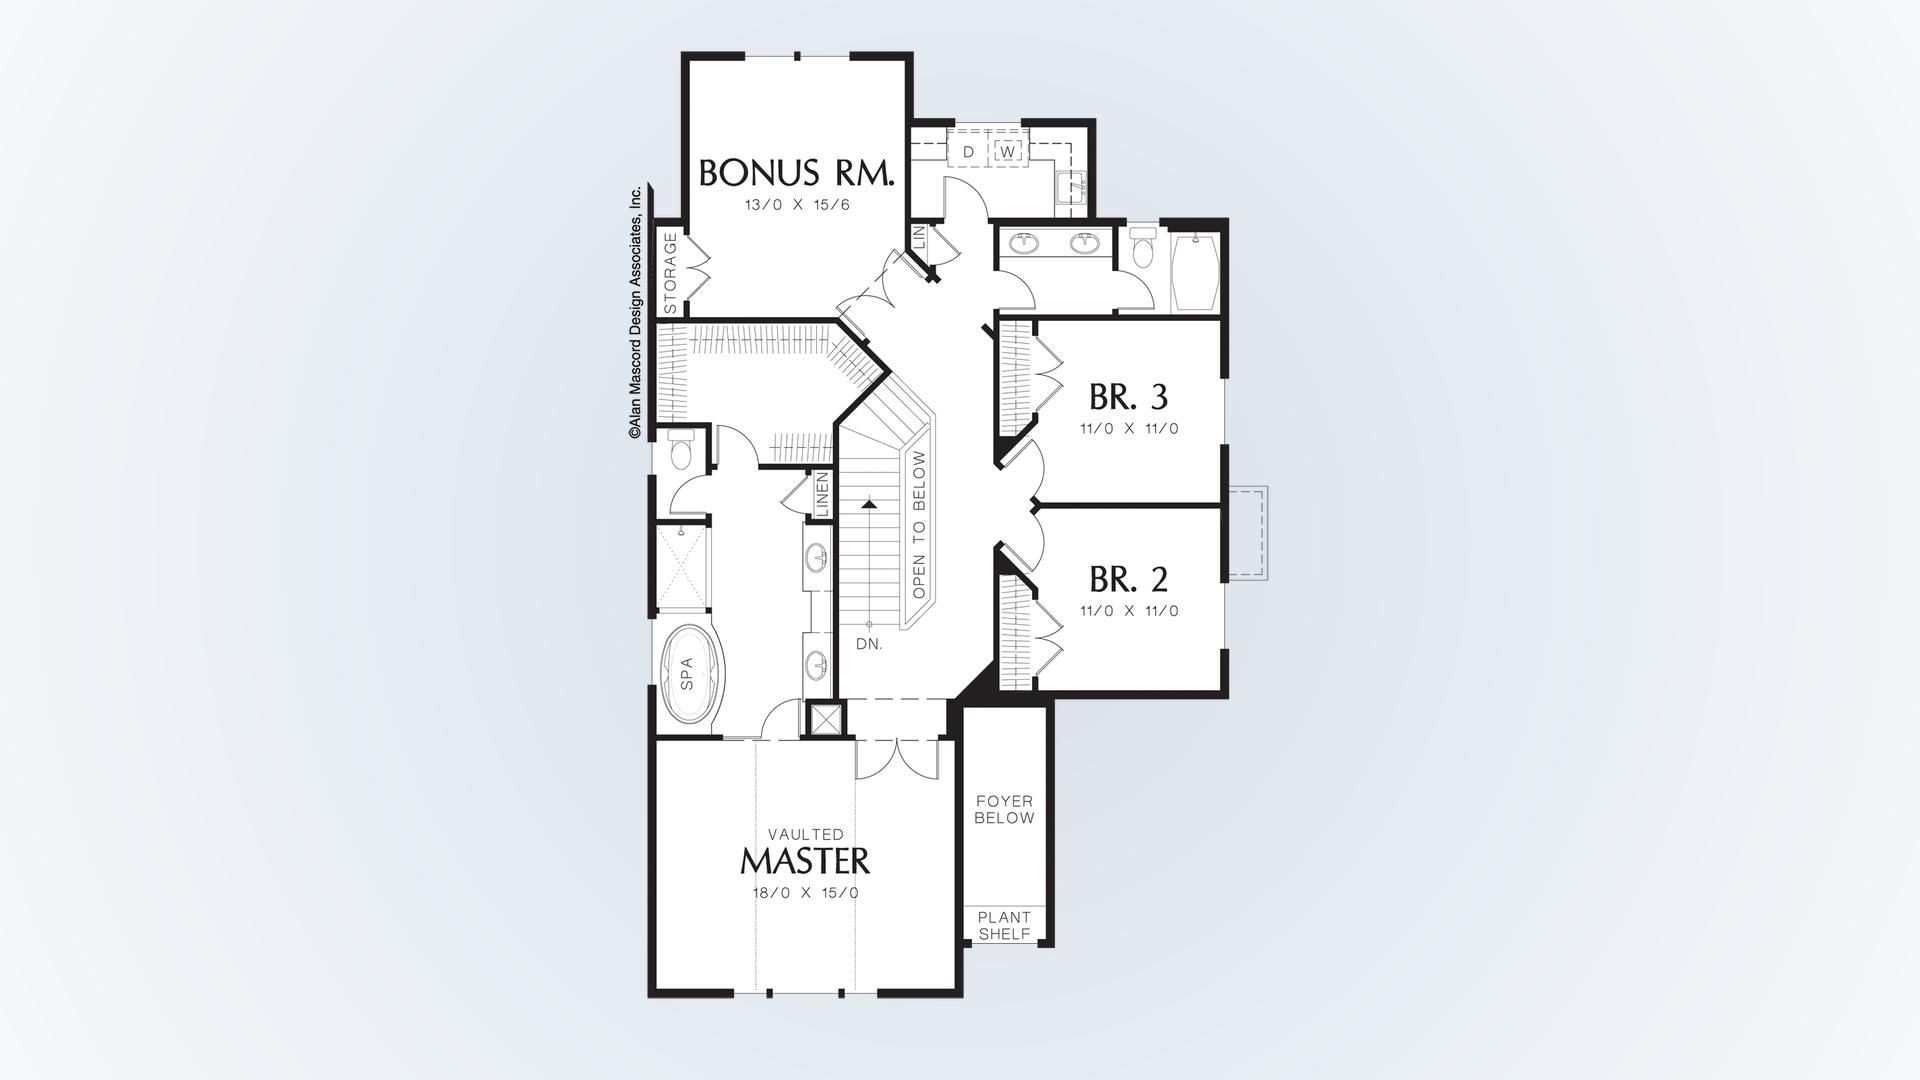 Craftsman house plan 22137b the webster 2533 sqft 3 beds for Flow wall 48 bonus set